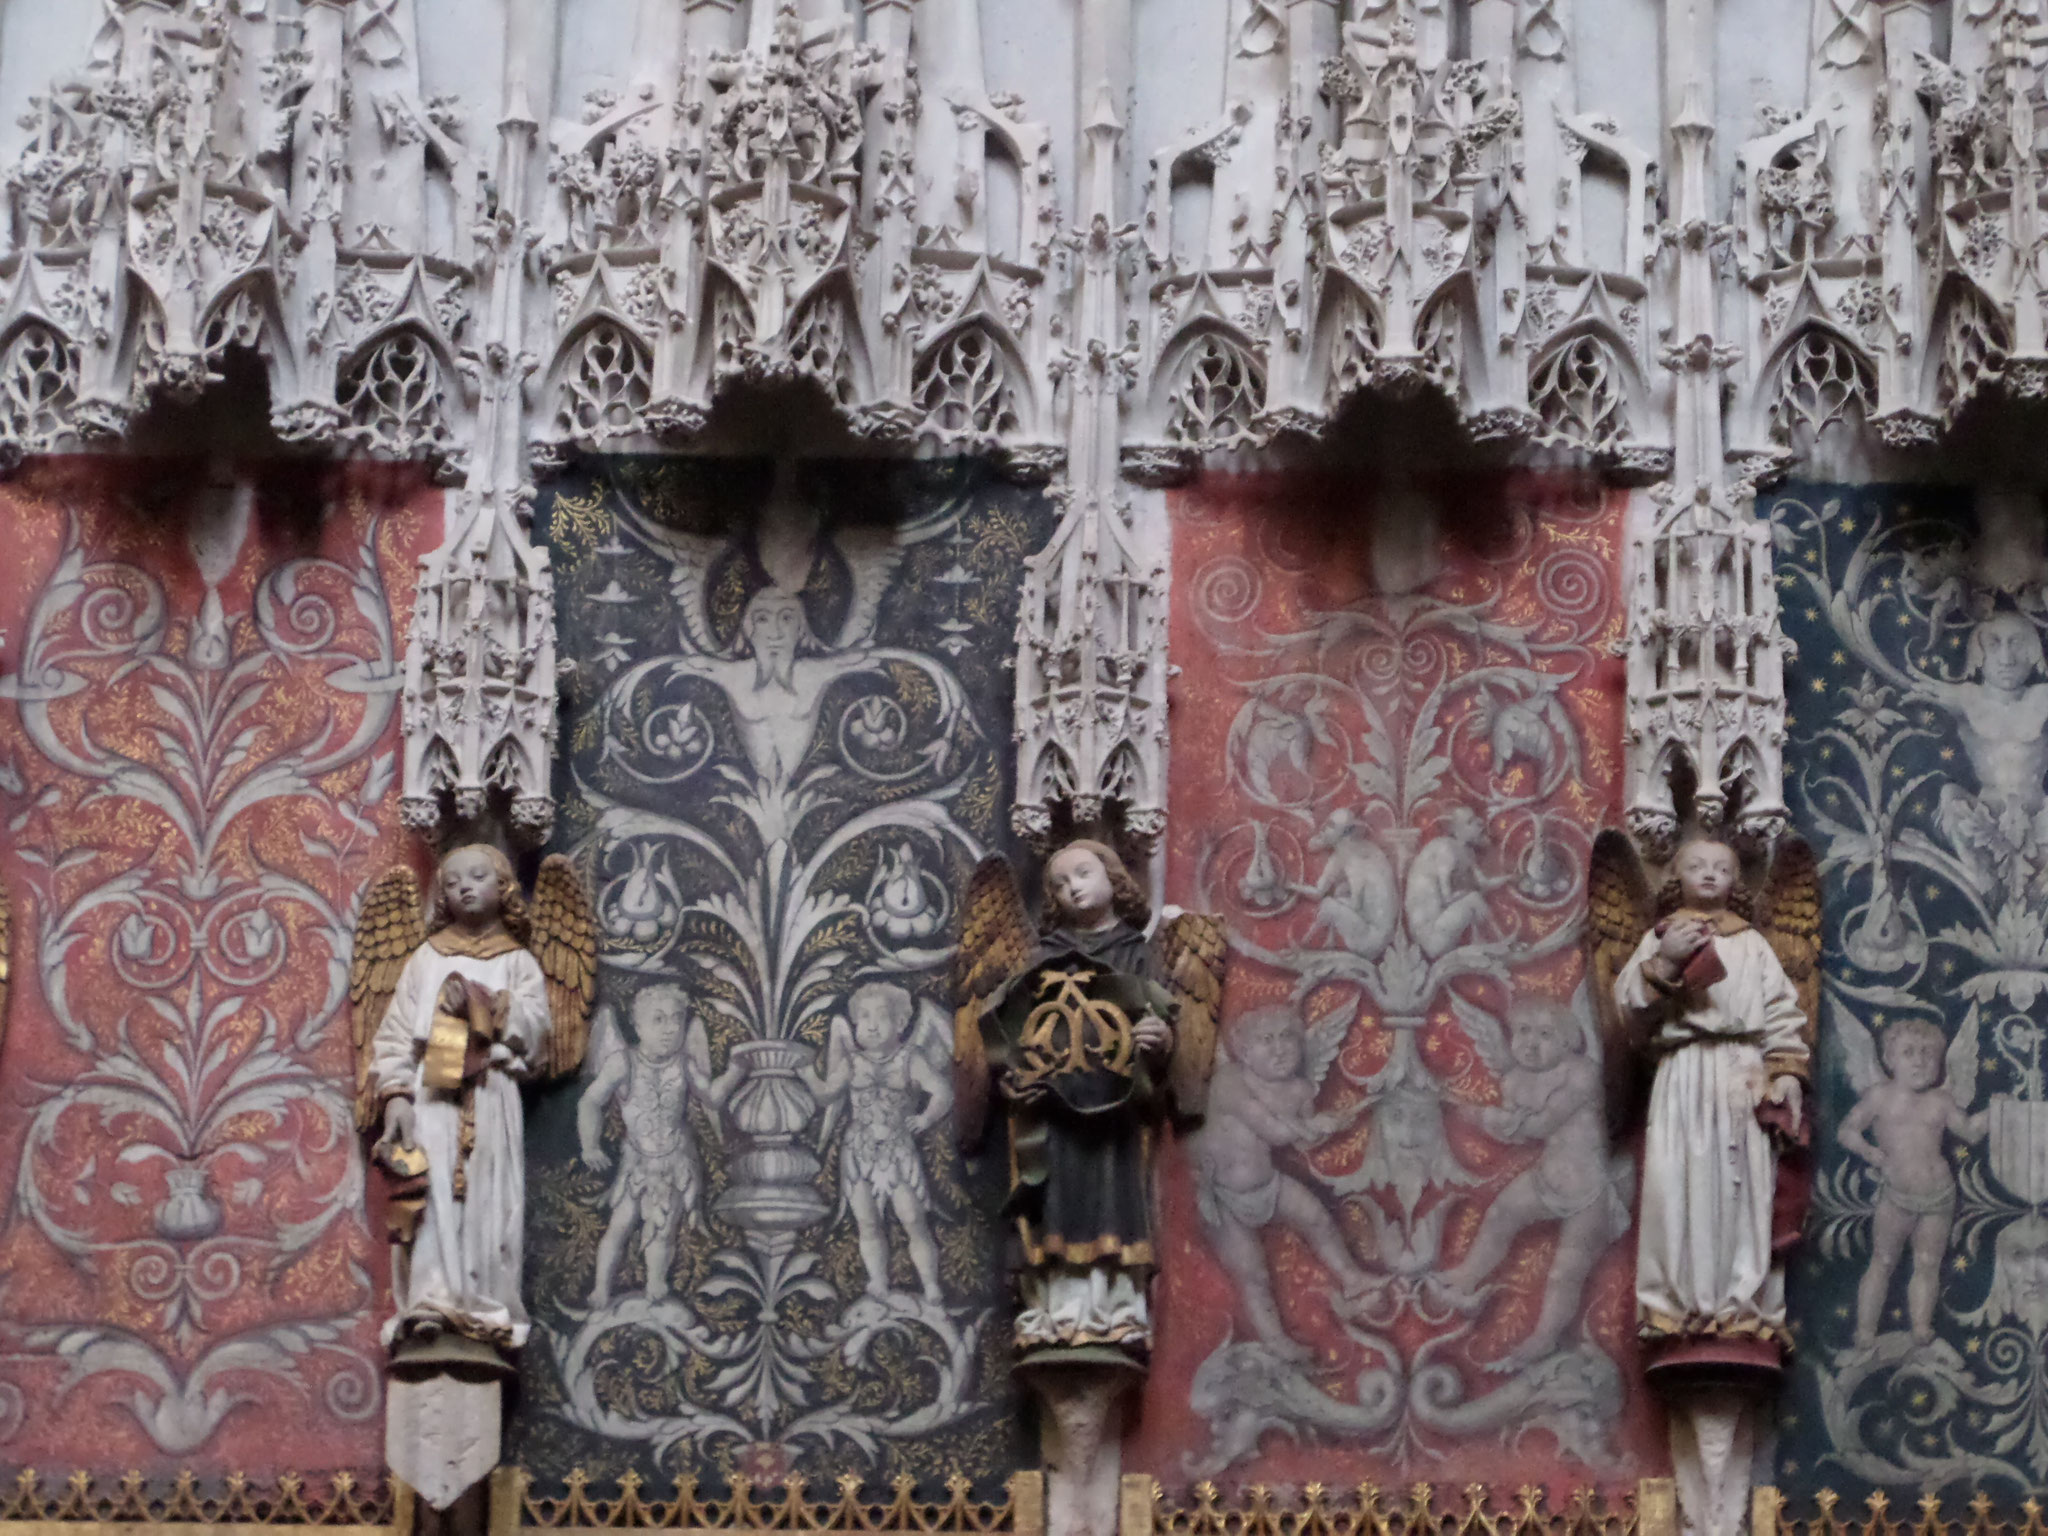 la clôture du choeur est ponctuée de 33 personnages de l'Ancien Testament, parmi lesquels on distingue deux femmes Esther et Judith ( Judith possède de splendides vêtements)